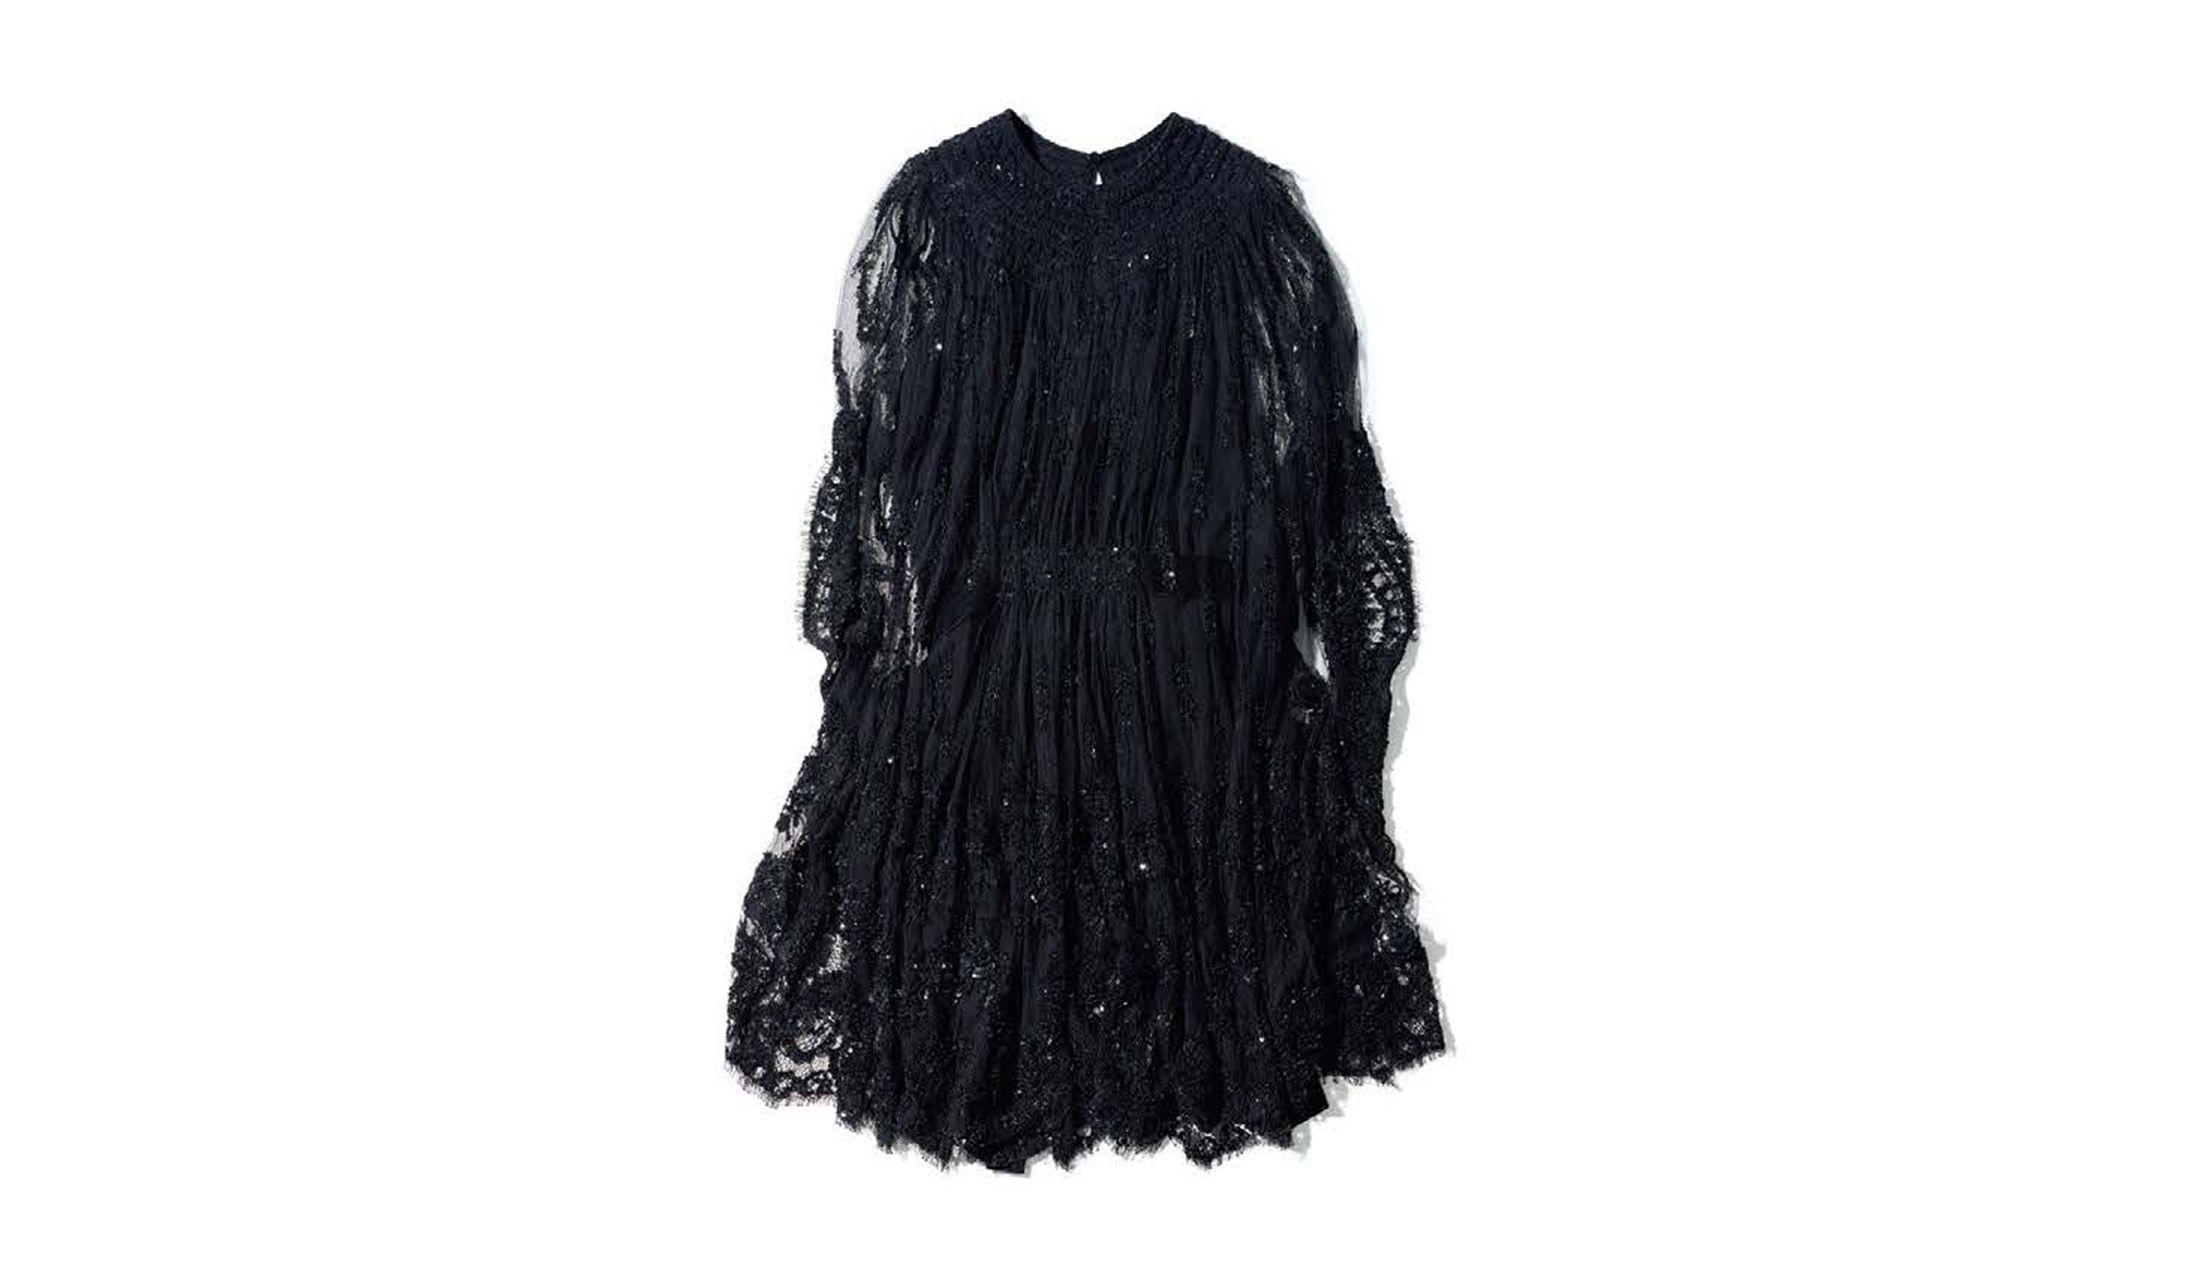 ヴァレンティノのビーズ刺しゅうのドレス